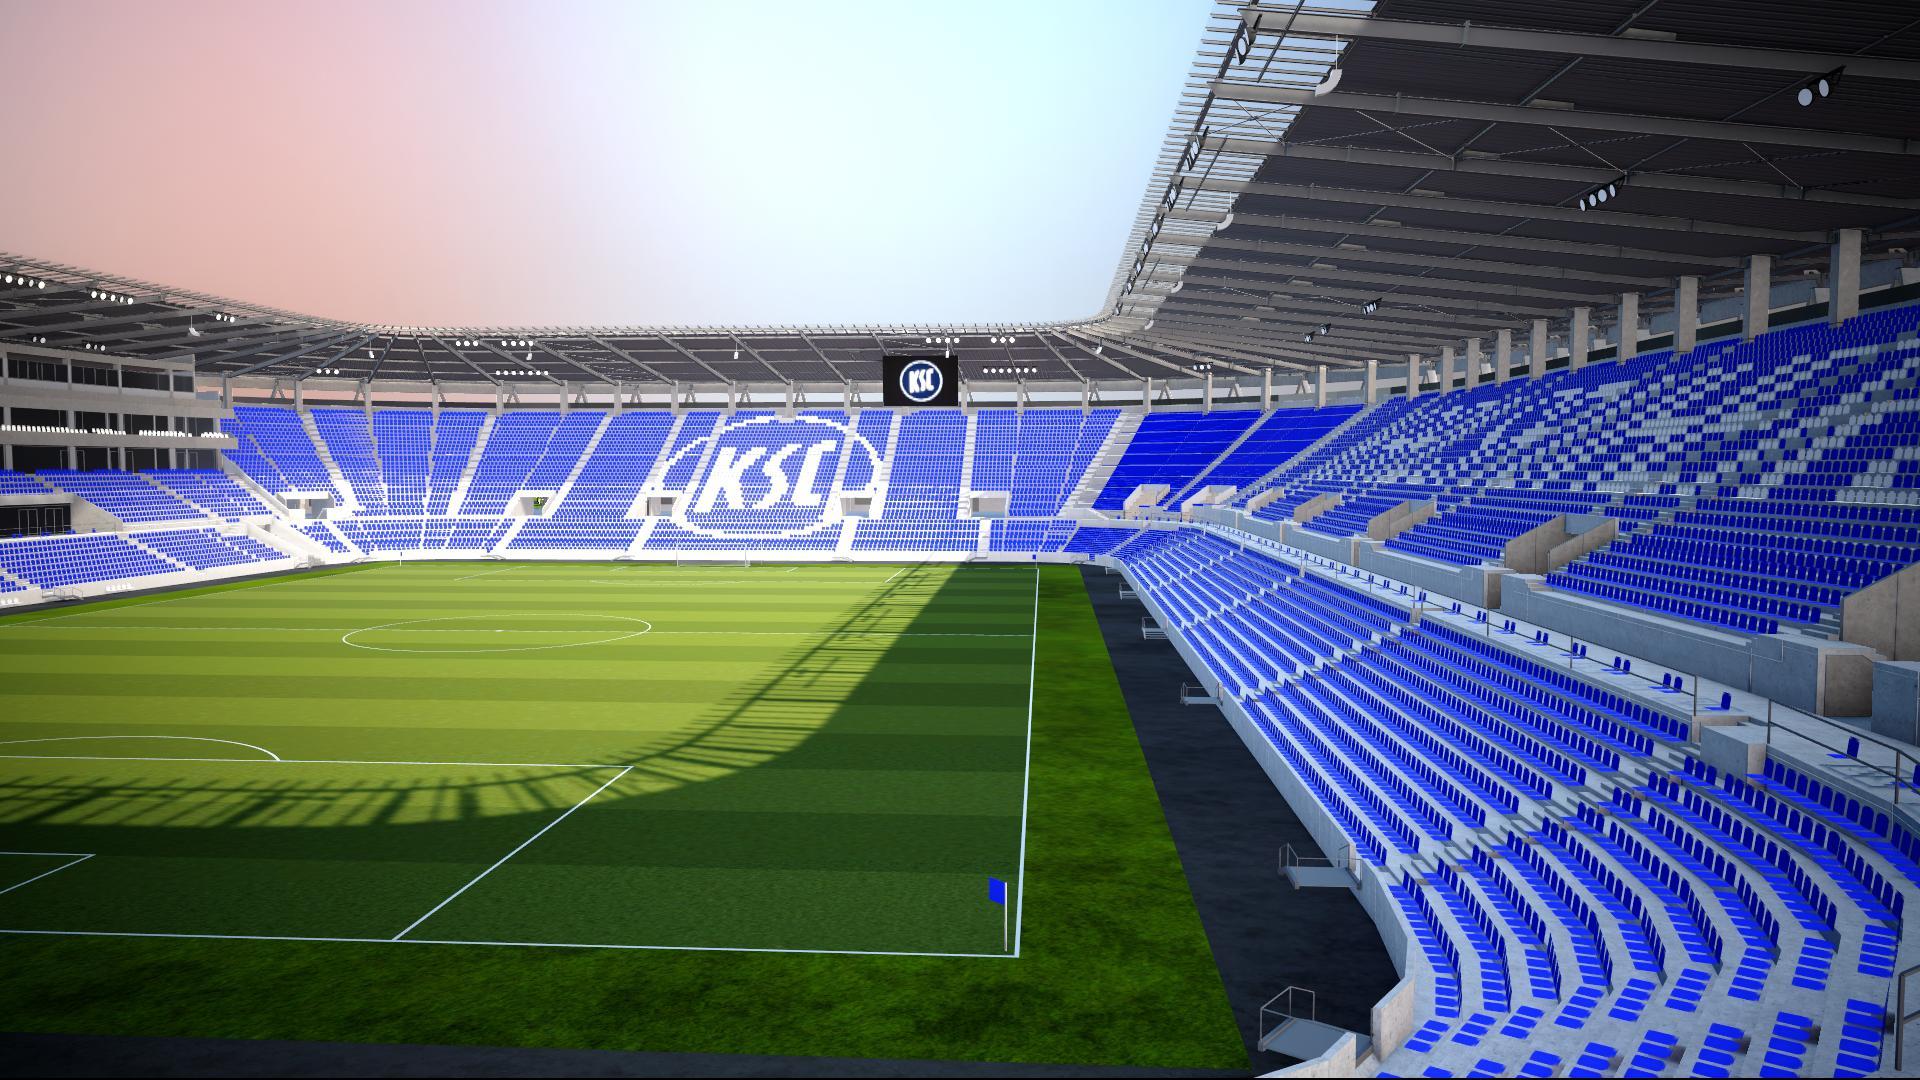 Modell zeigt den Innenraum des neuen Wildparkstadions in Karlsruhe